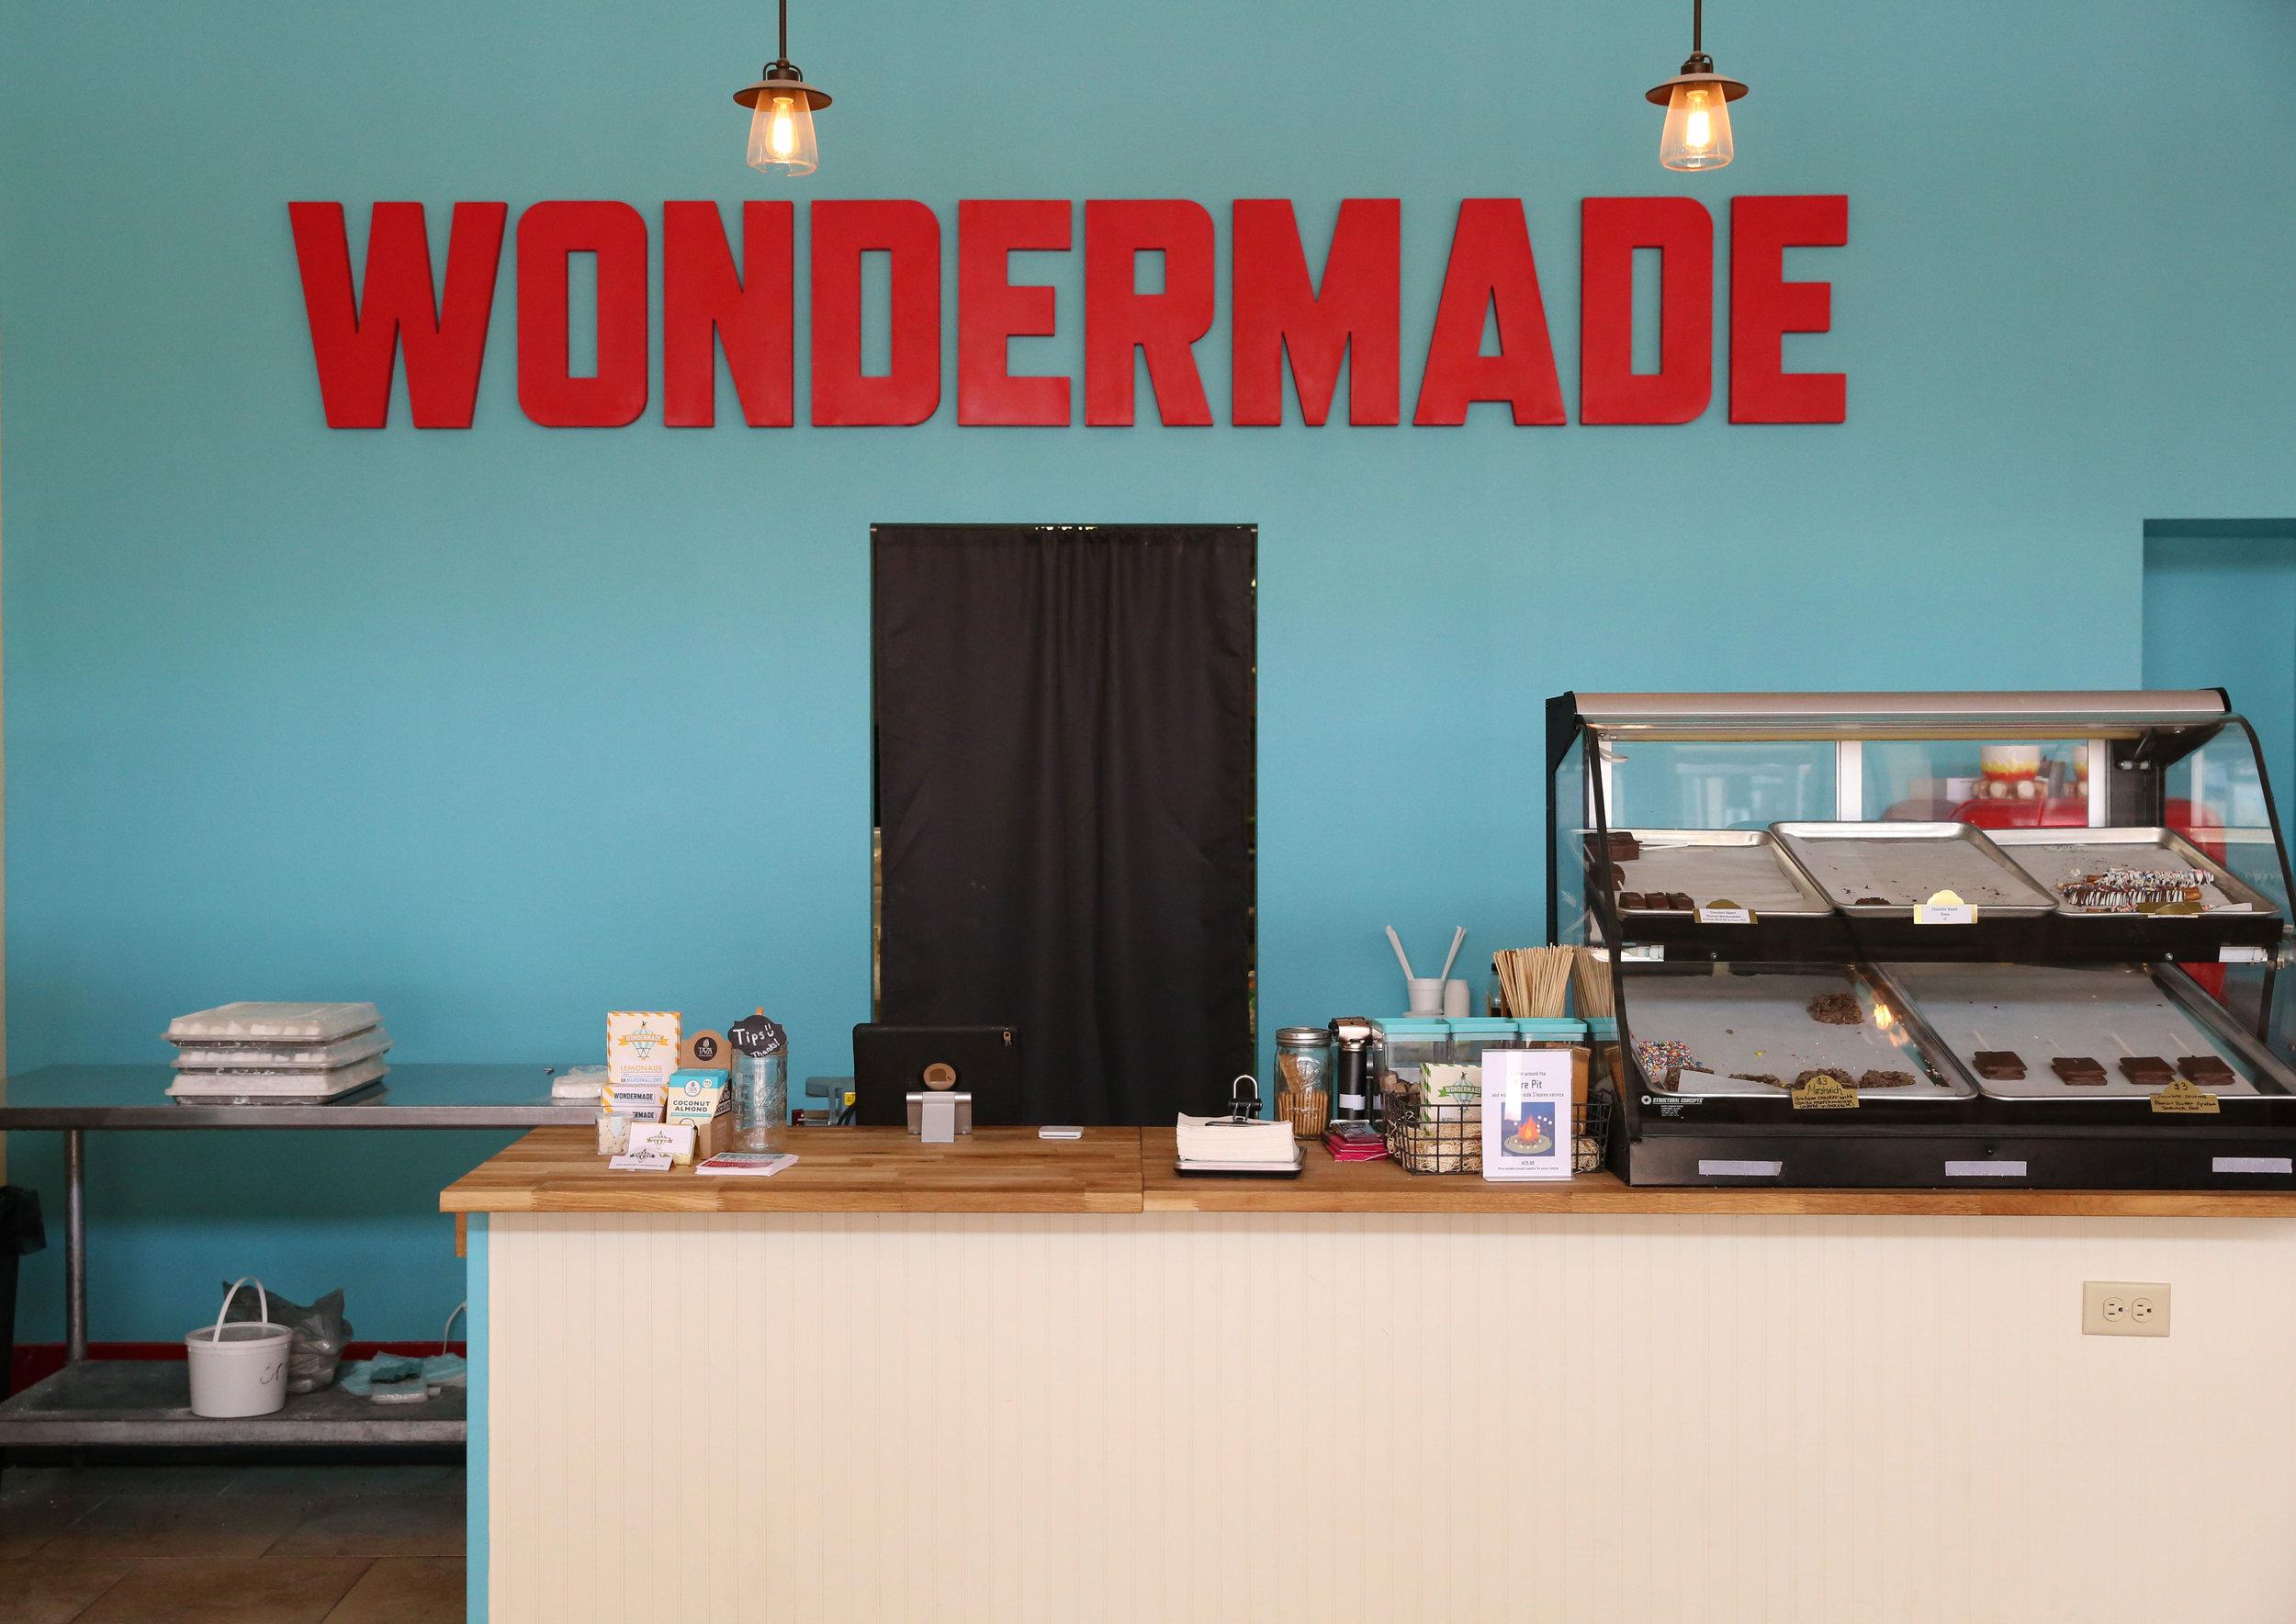 Wondermade_Sanford_Interior_Counter.jpg